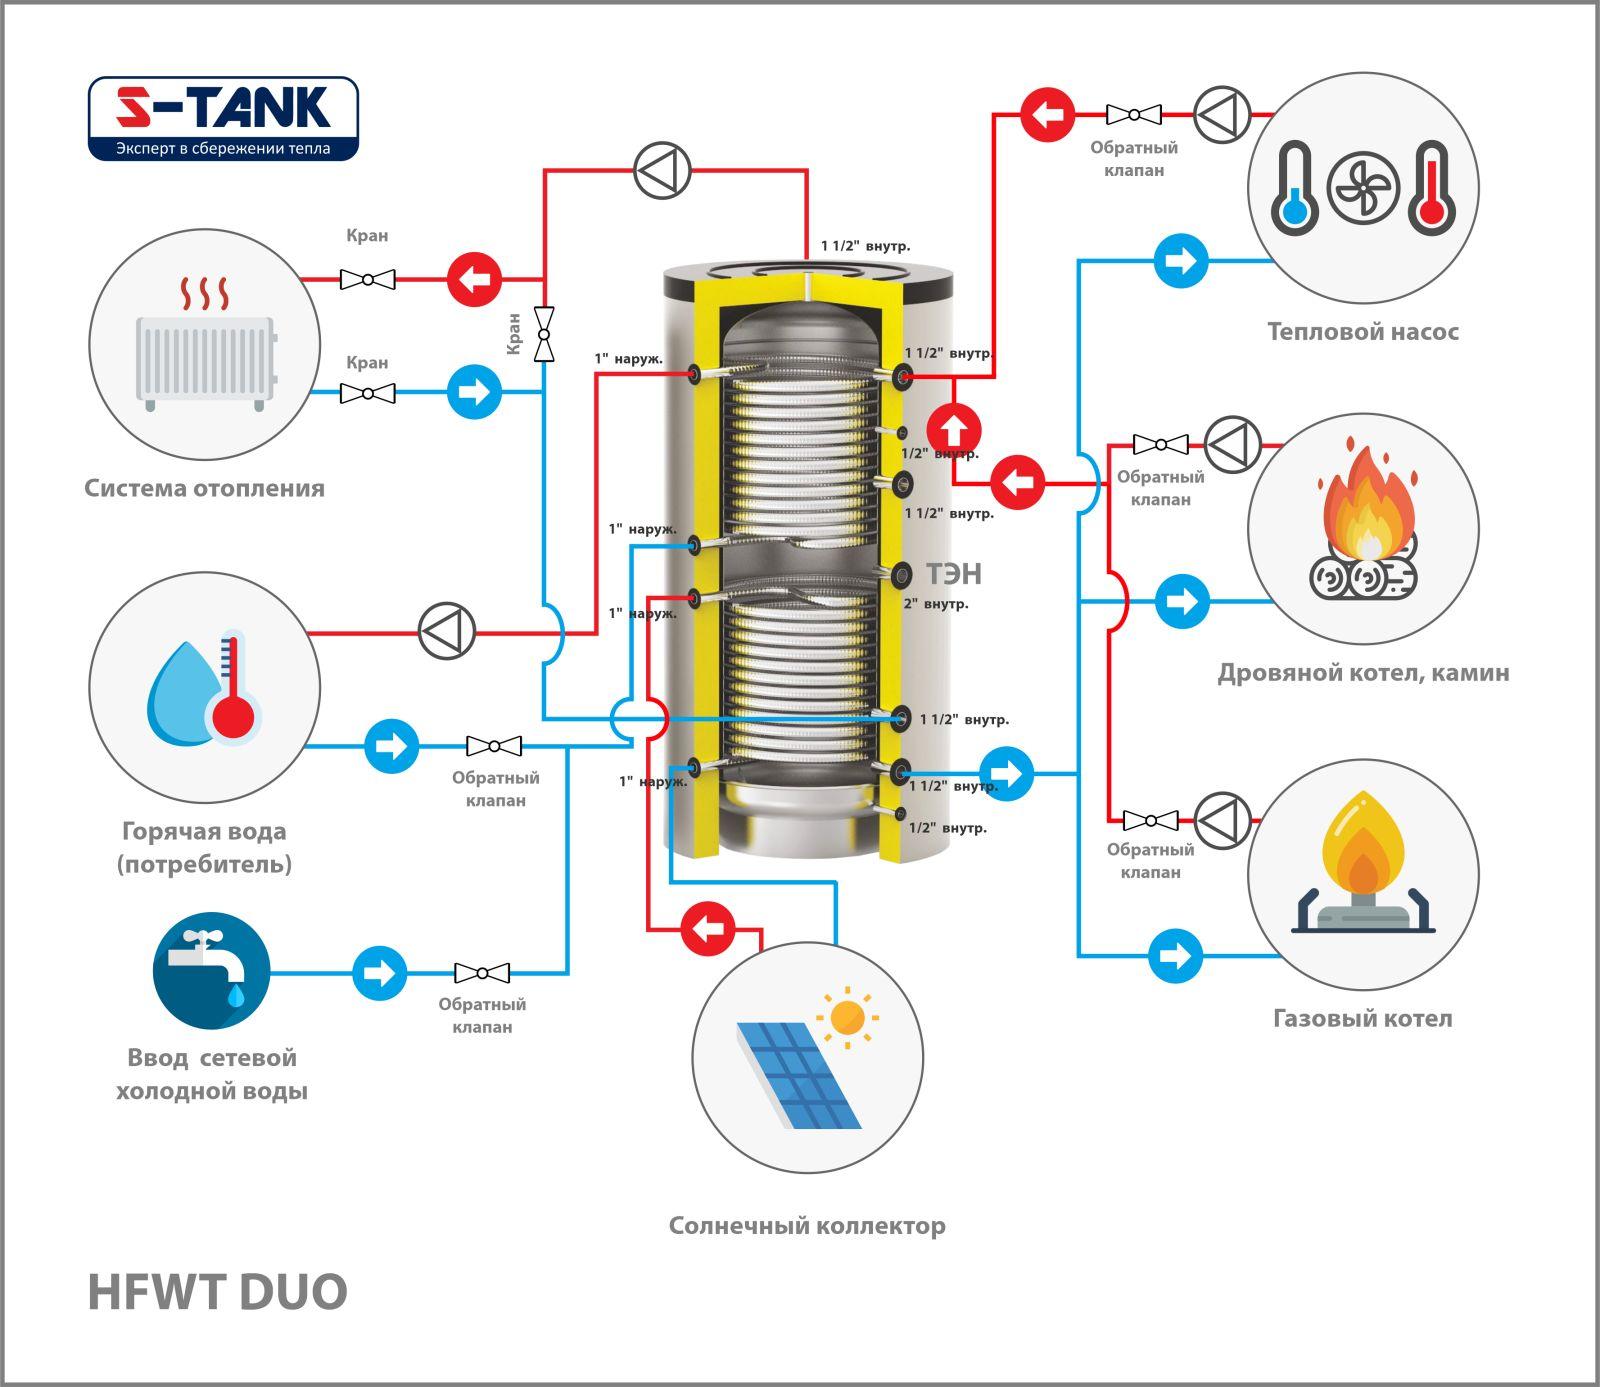 Теплообменники для отопления и горячего водоснабжения (гвс): пластинчатые и прочие аппараты